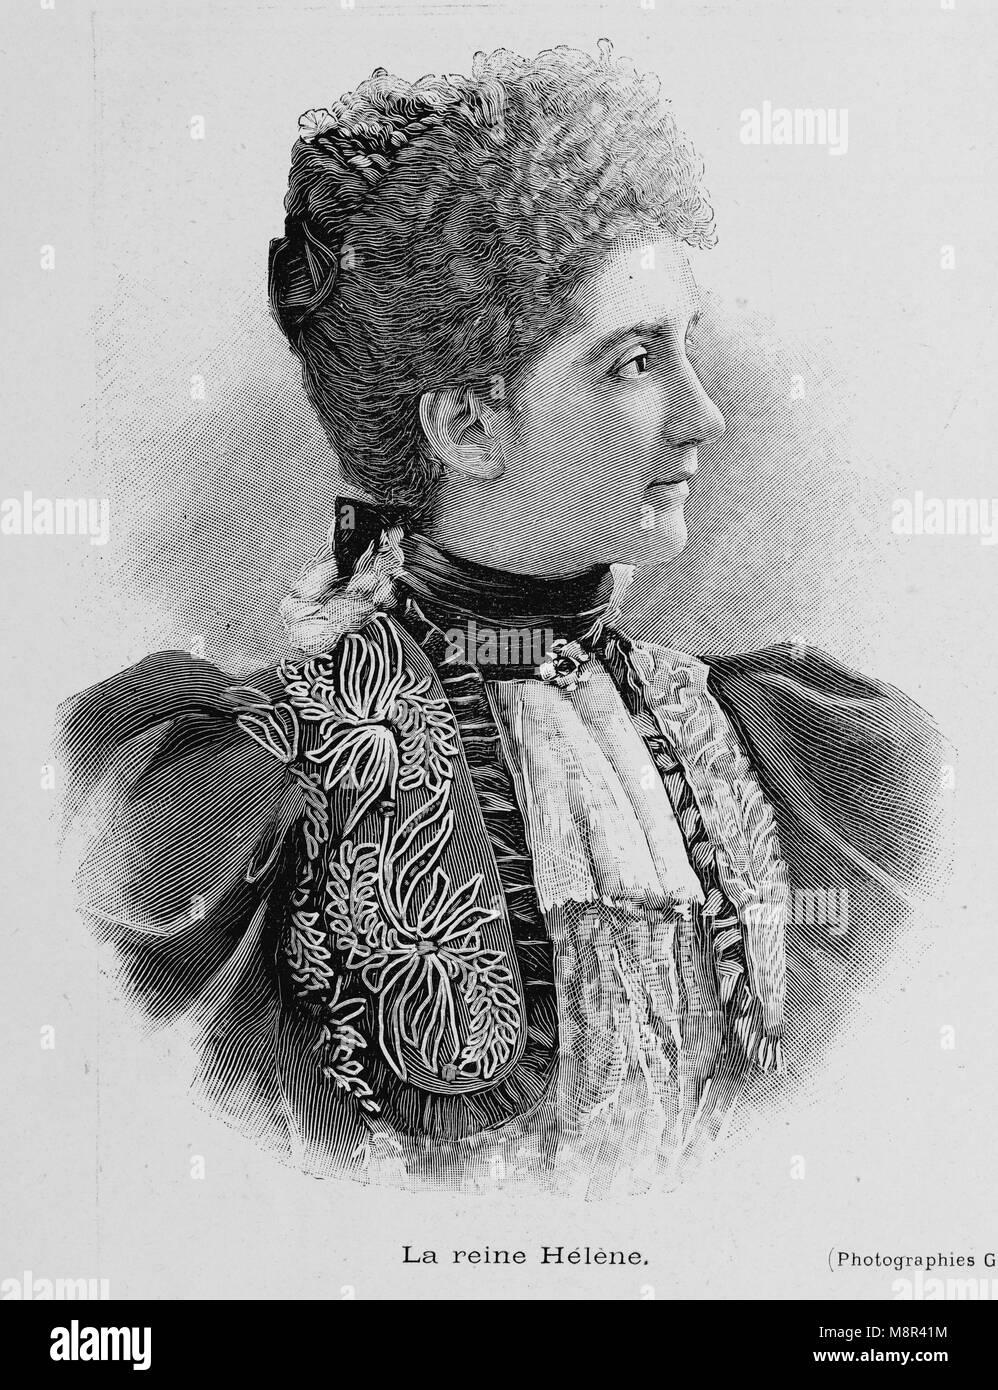 La regina Elena del Montenegro, la moglie del Re Vittorio Emanuele III d'Italia, immagine dal settimanale francese Immagini Stock